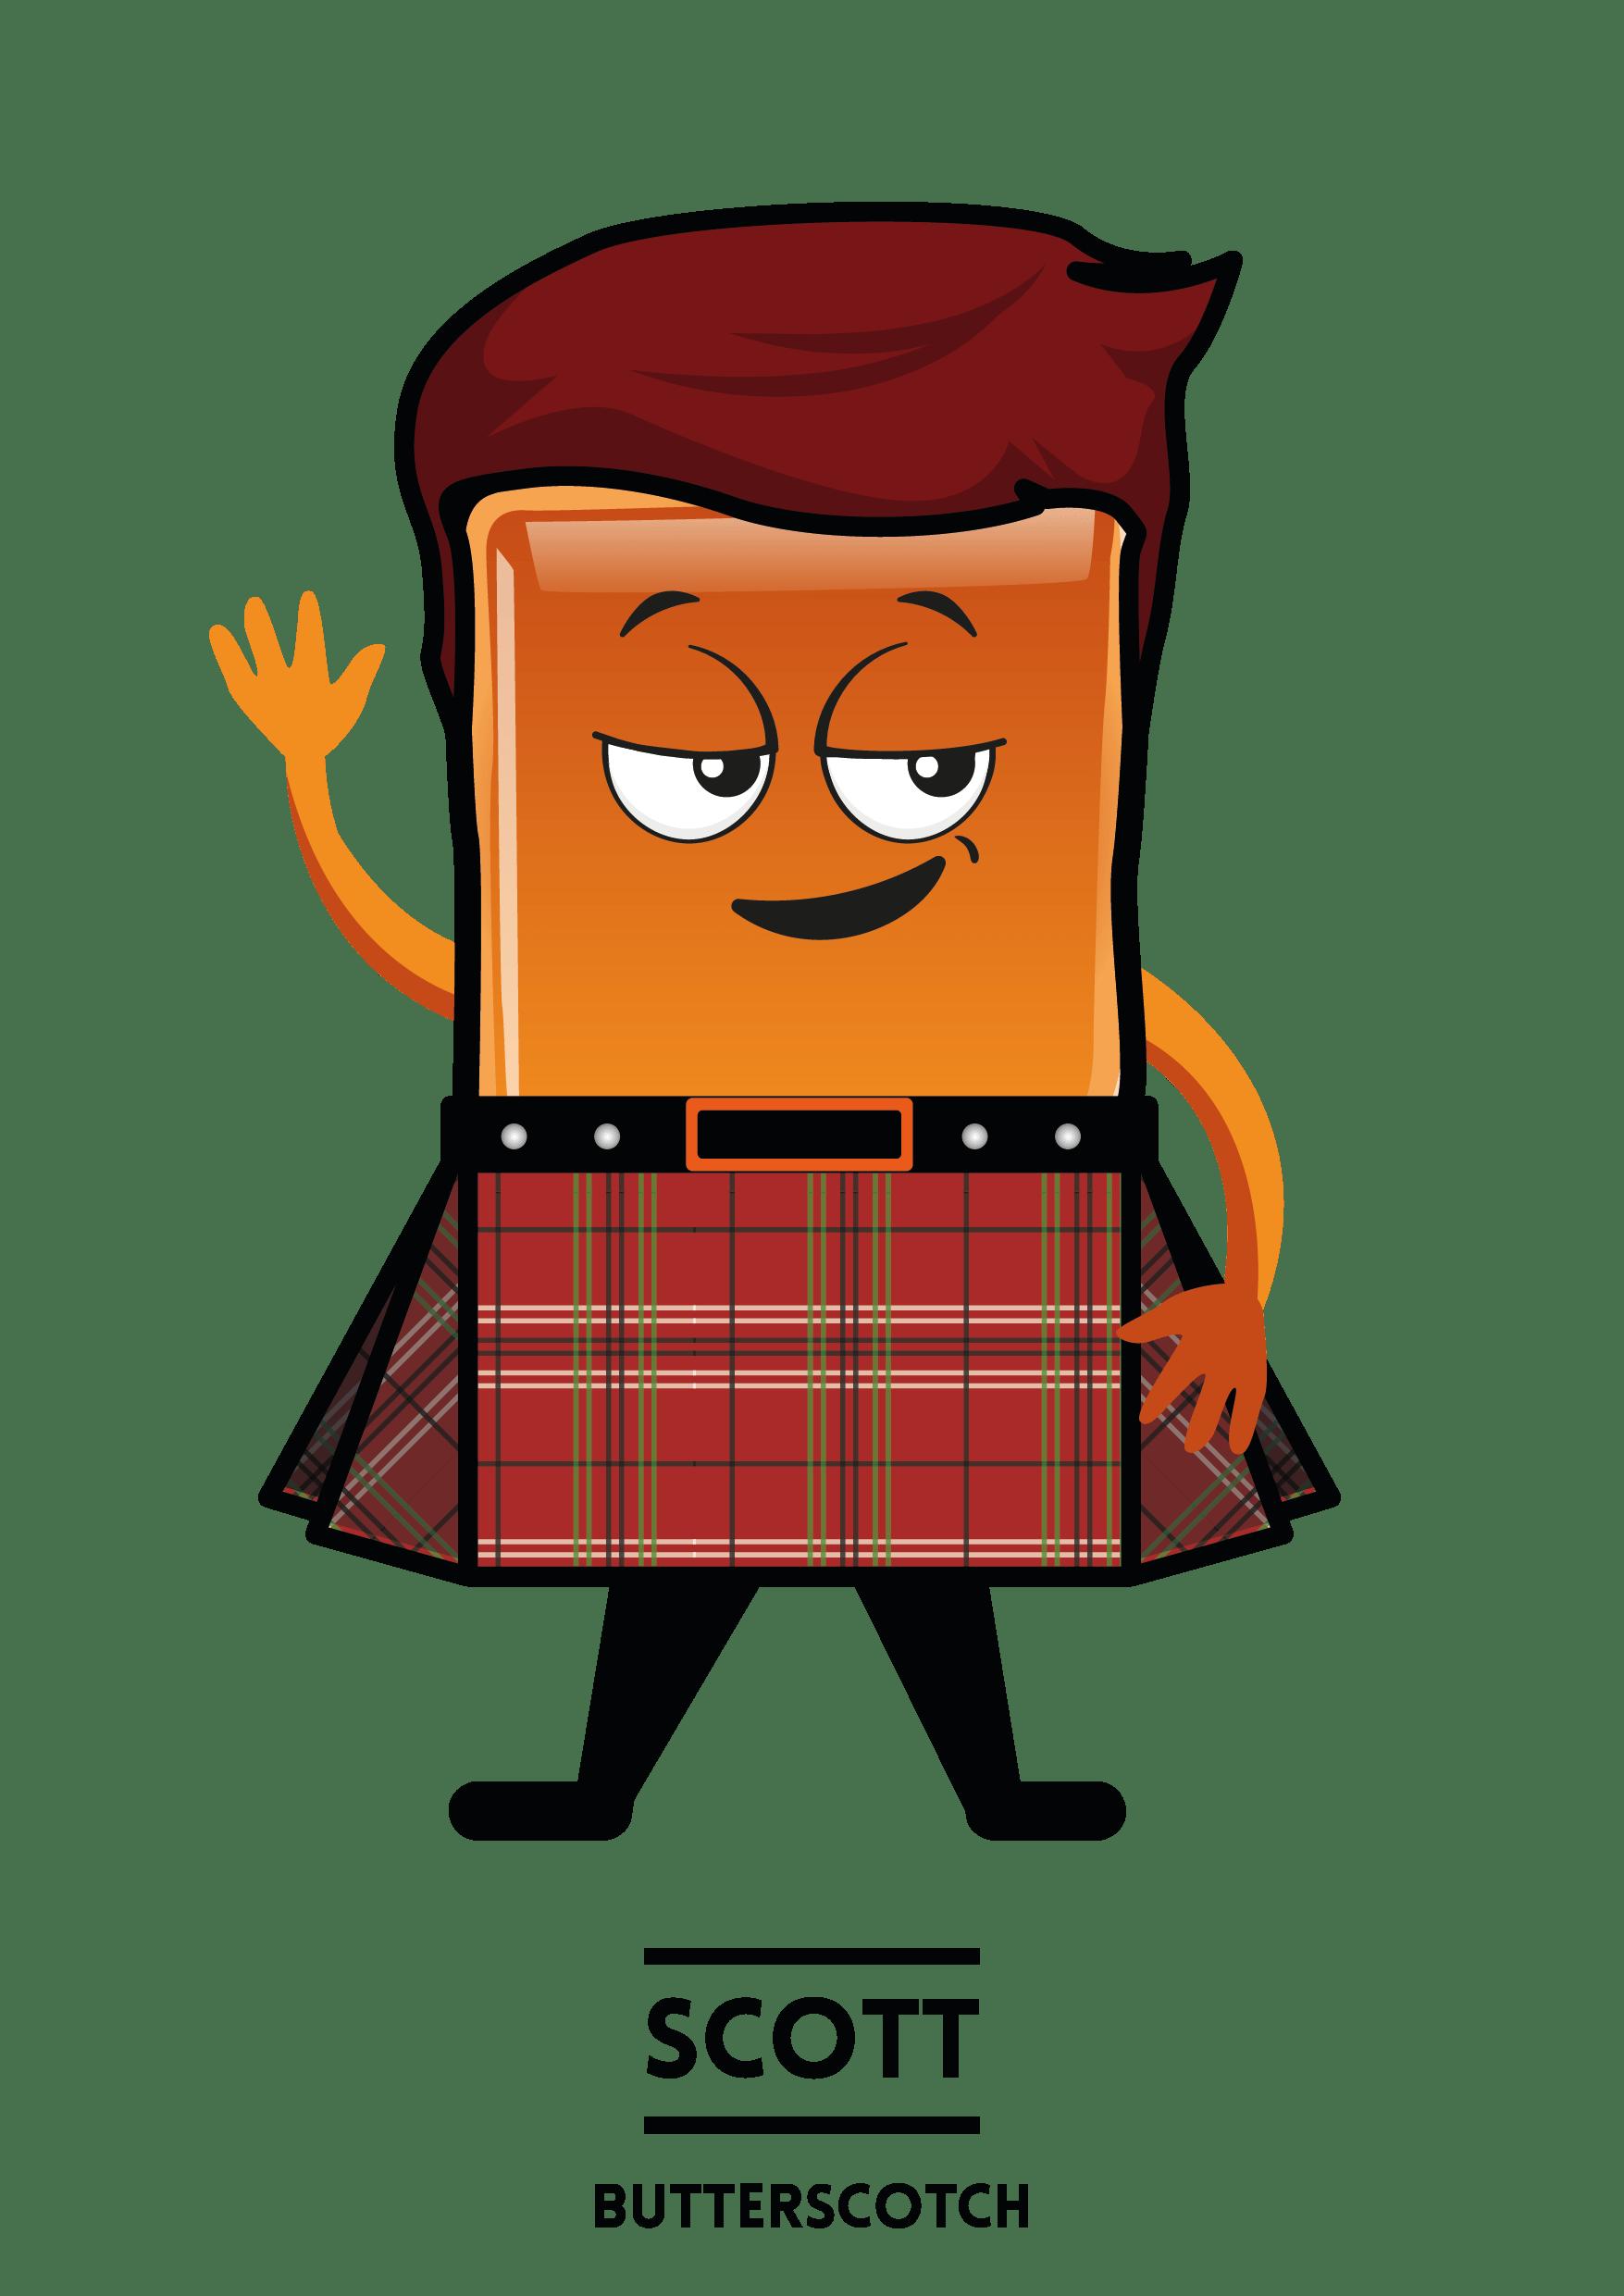 MyShakeStation Characters Butterscotch